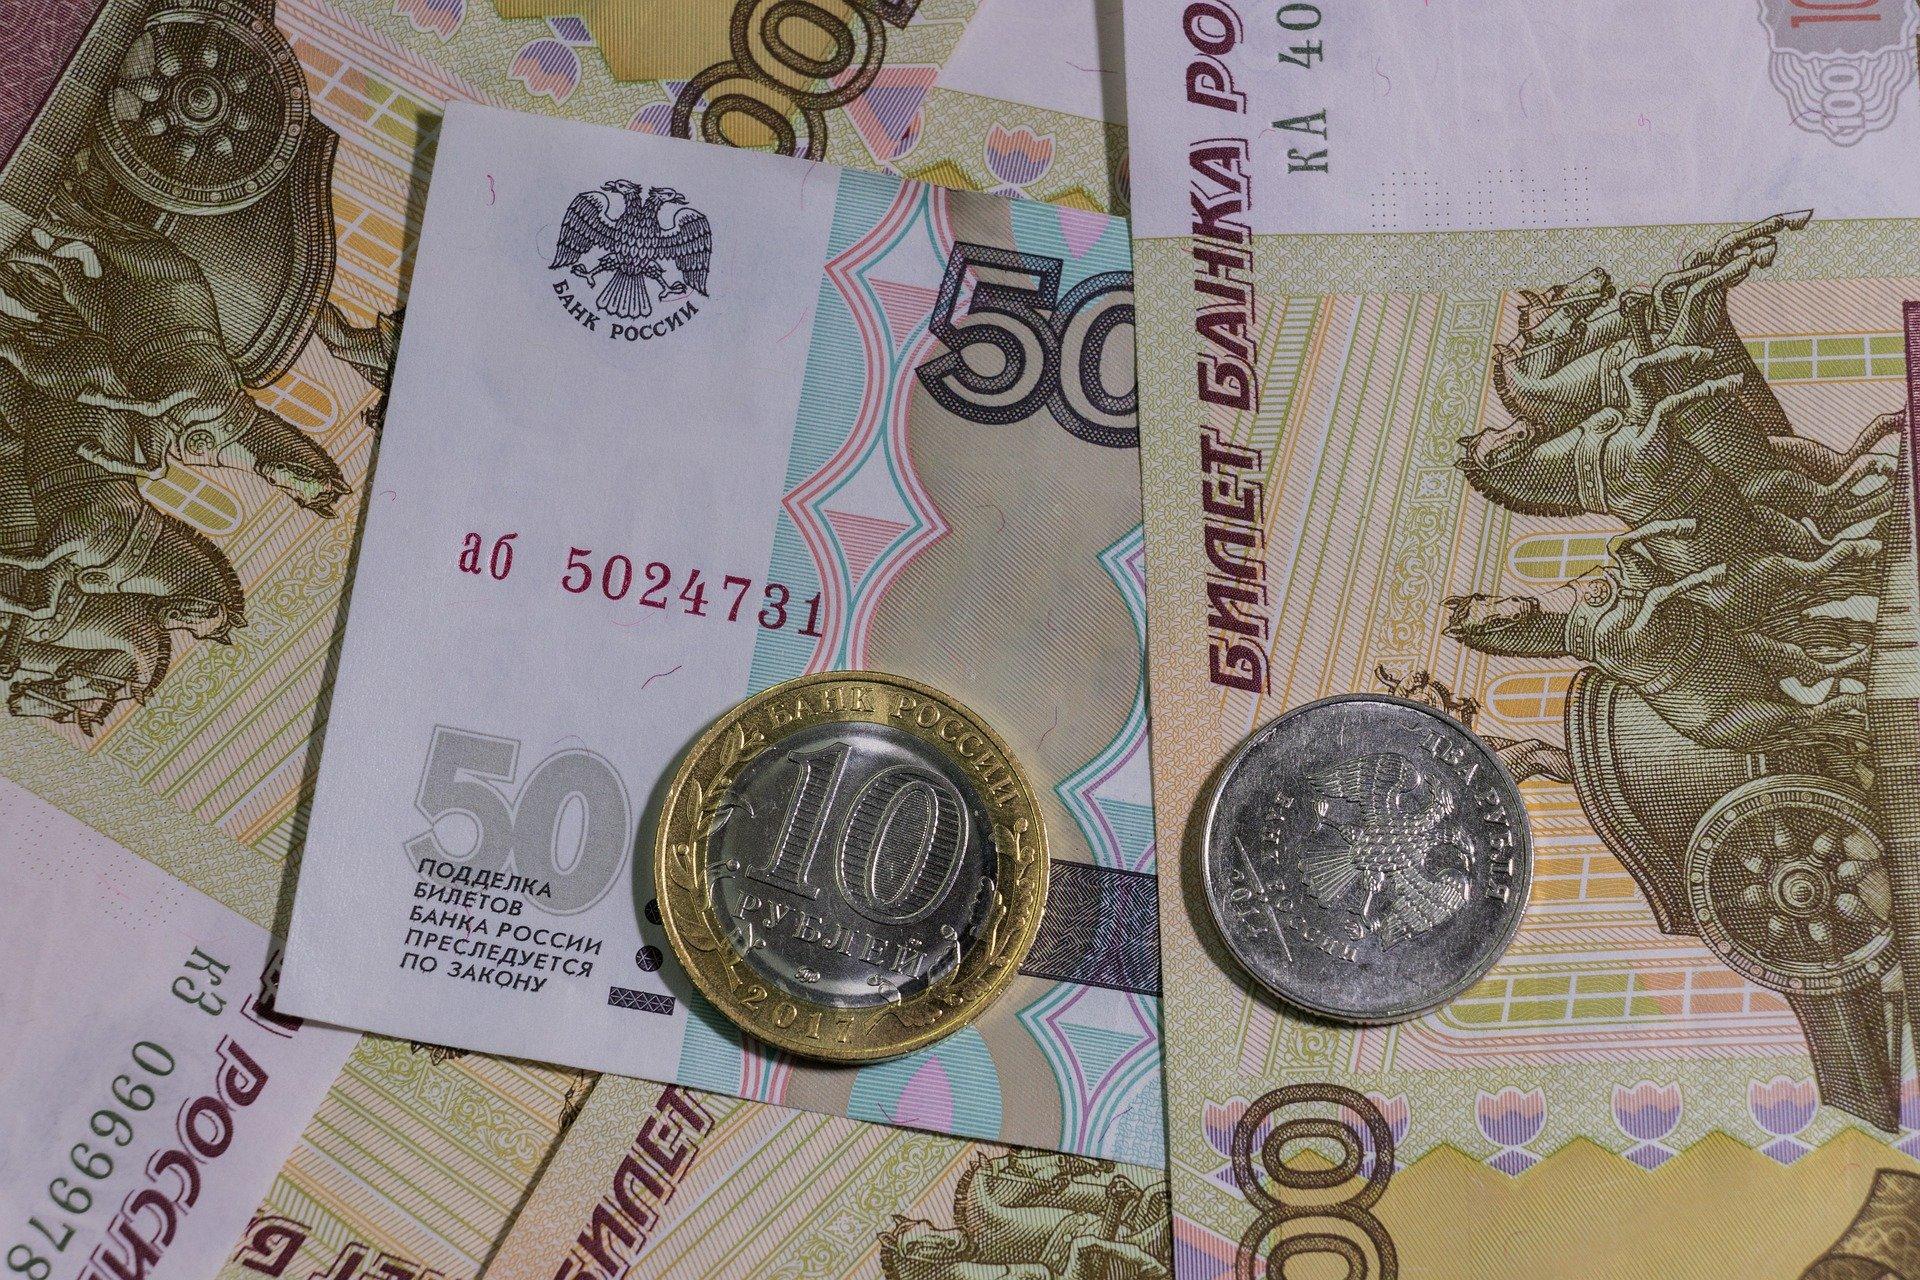 Около 330 млн рублей выделят на модернизацию двух ЦРБ в Нижегородской области  - фото 1